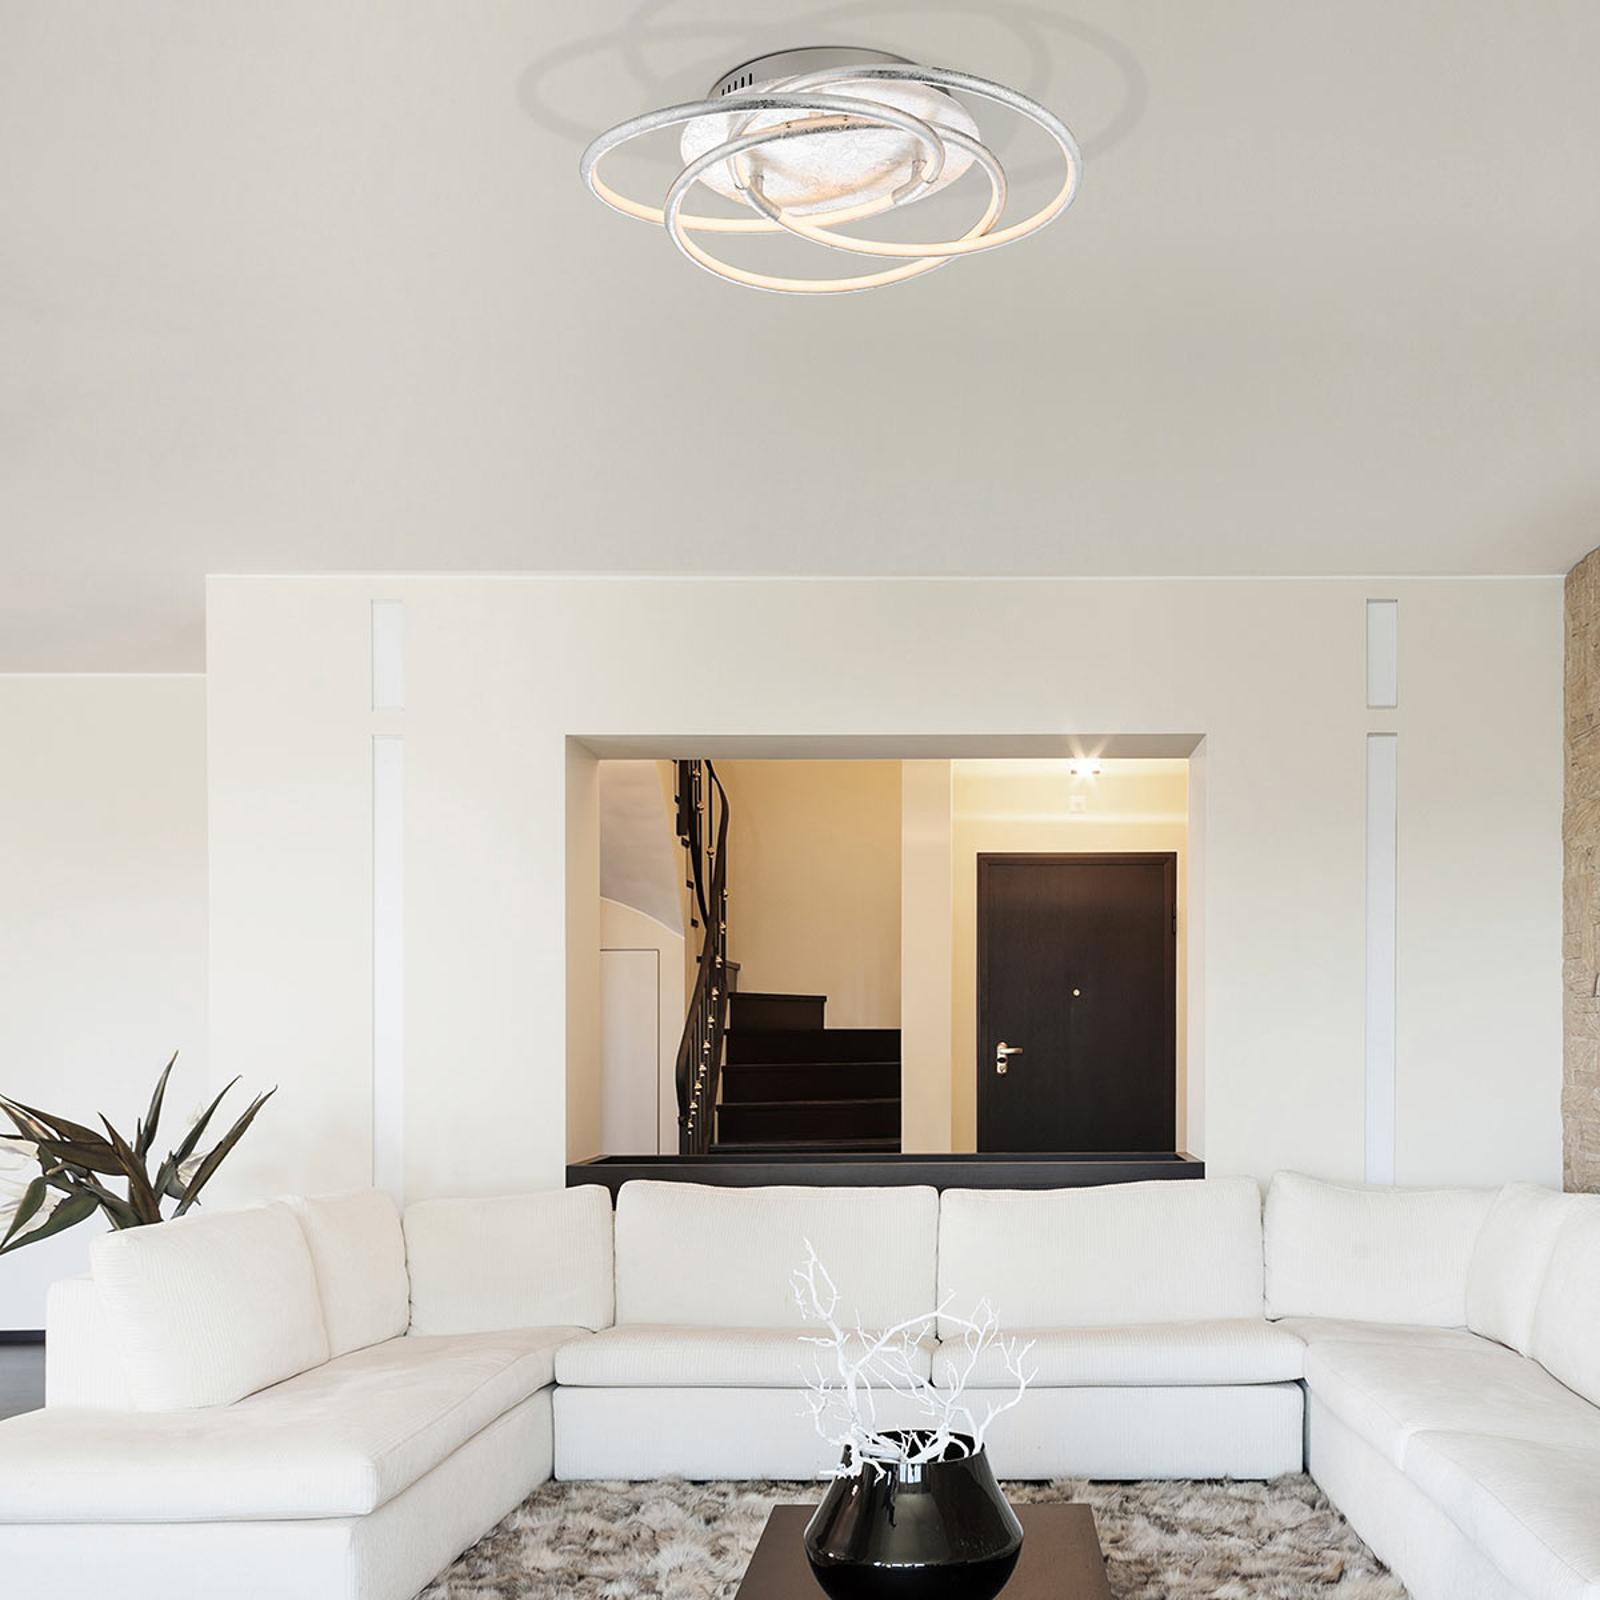 Barna – LED taklampen med gyllen finish | Lampegiganten.no